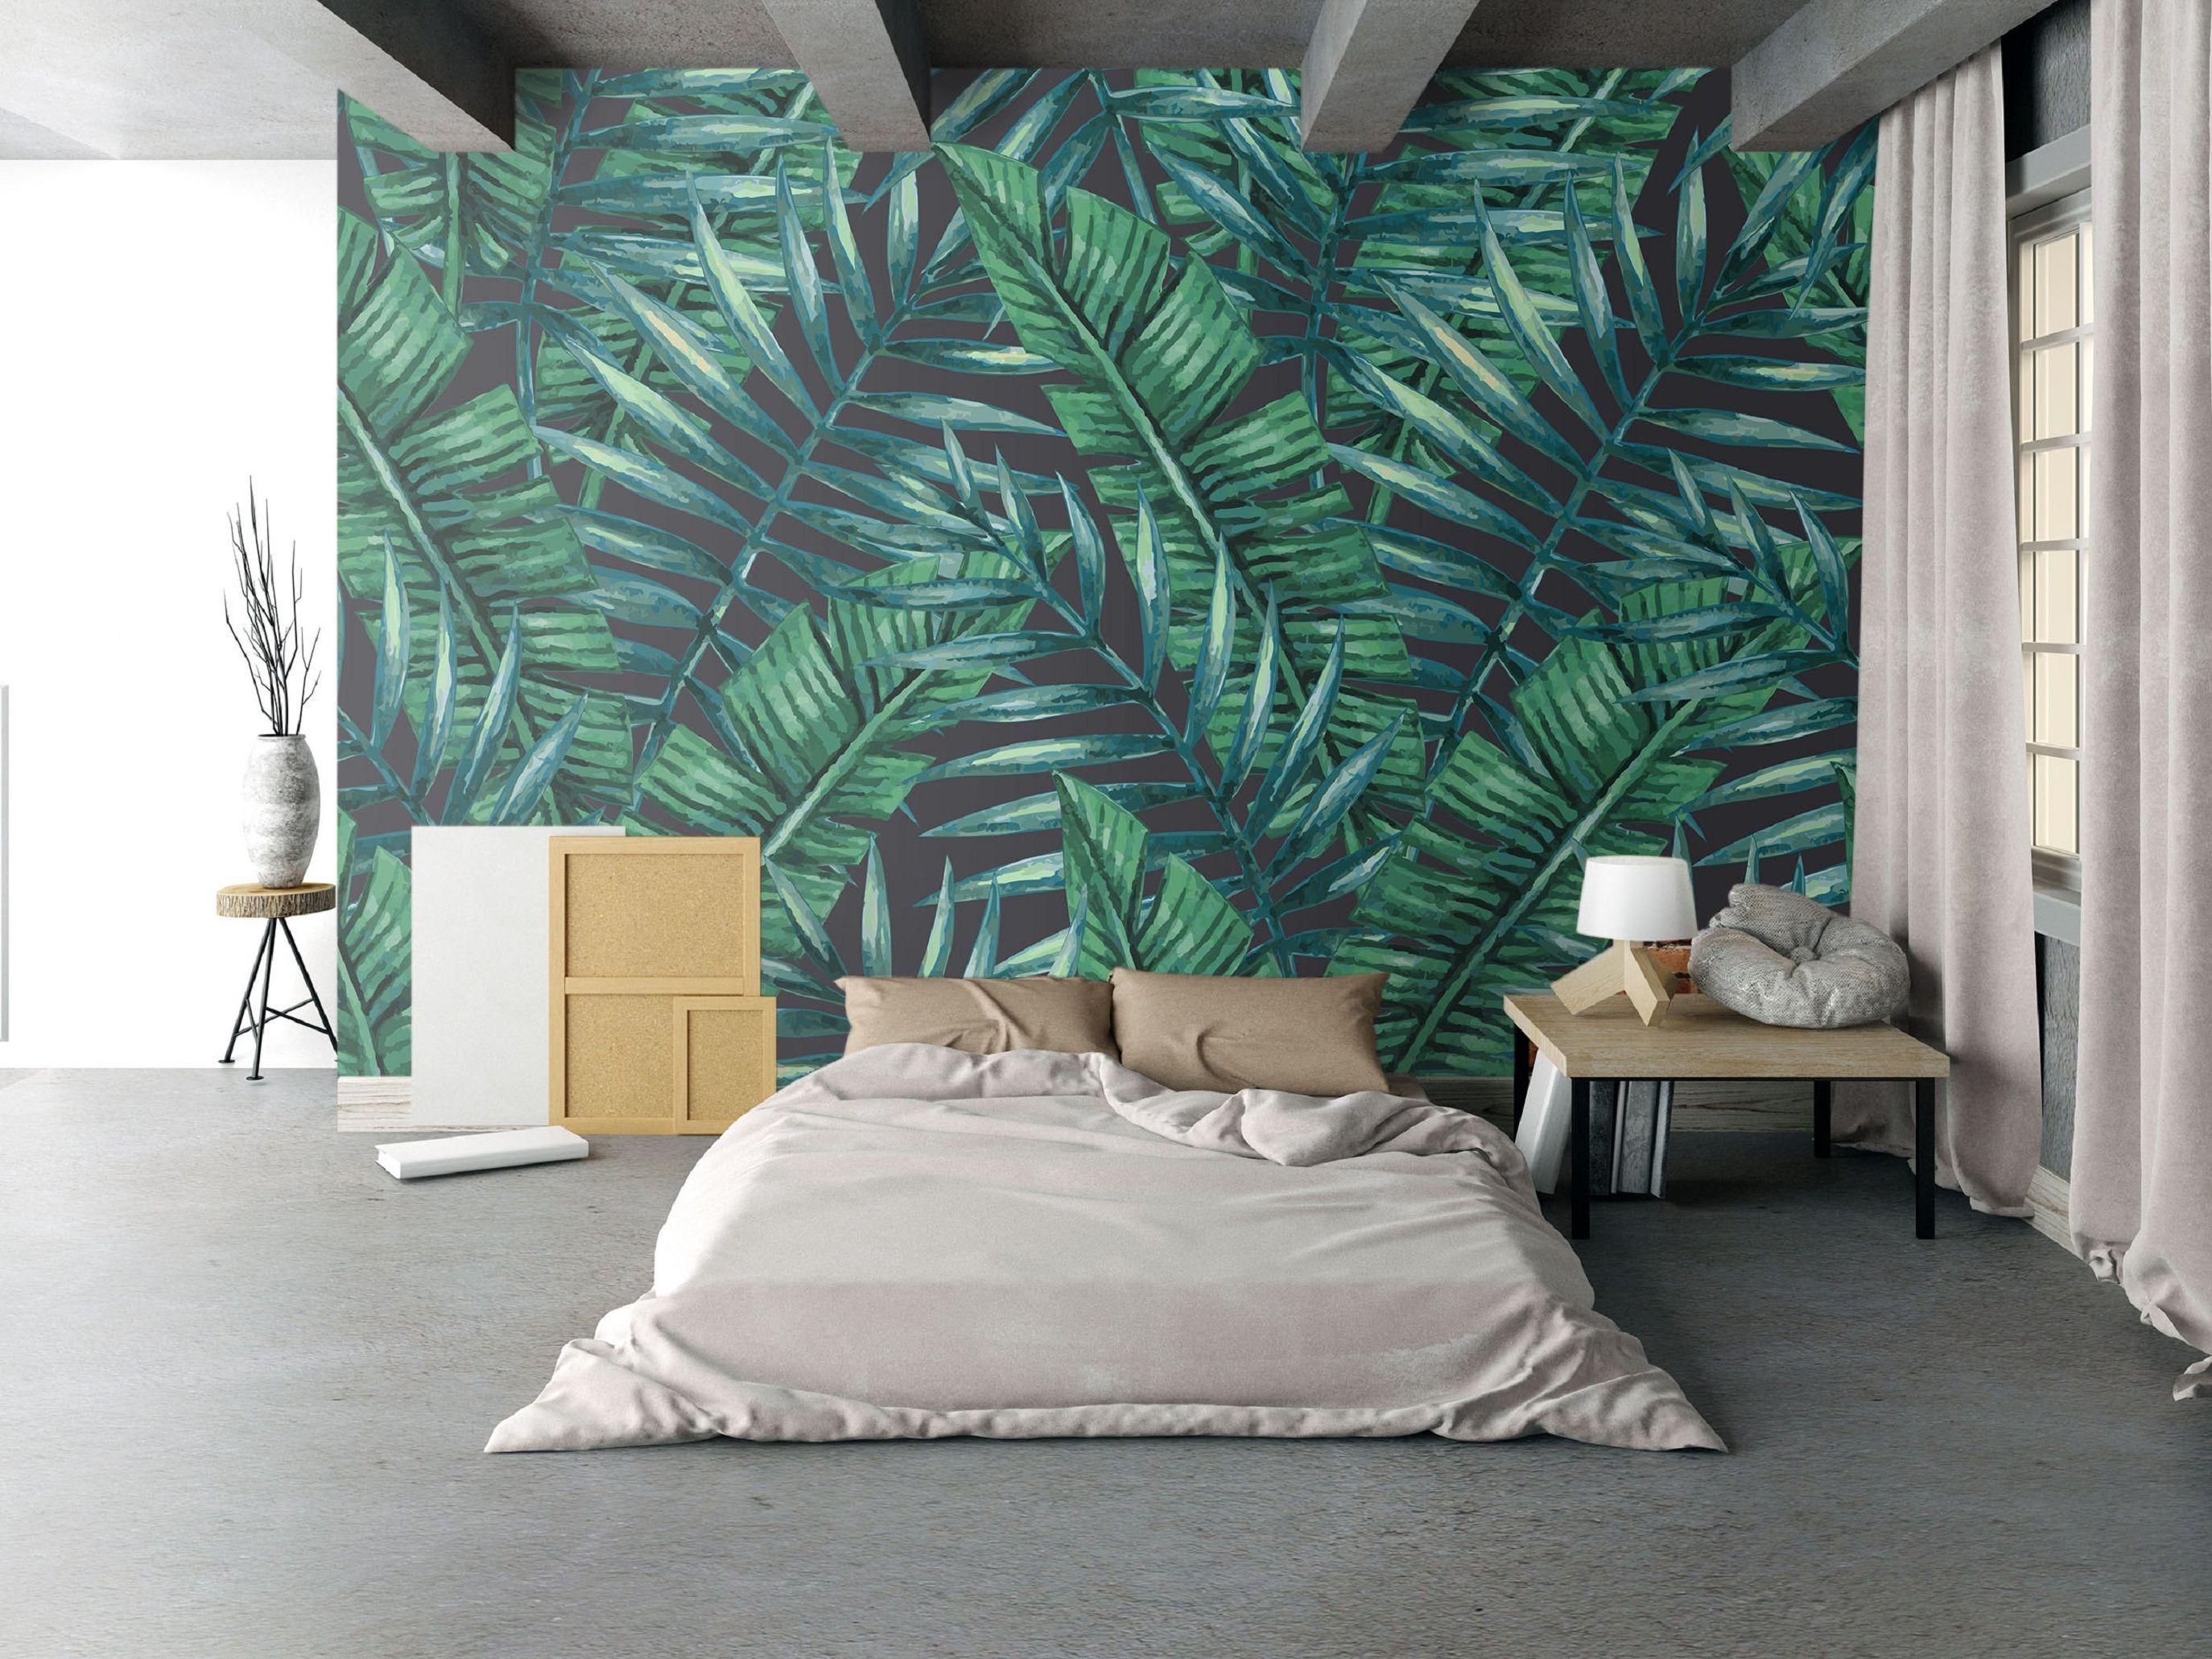 Tropikalna Sypialnia   Zobacz Więcej Inspiracji, Klikając Na Zdjęcie!  #sypialnia #wnętrza #